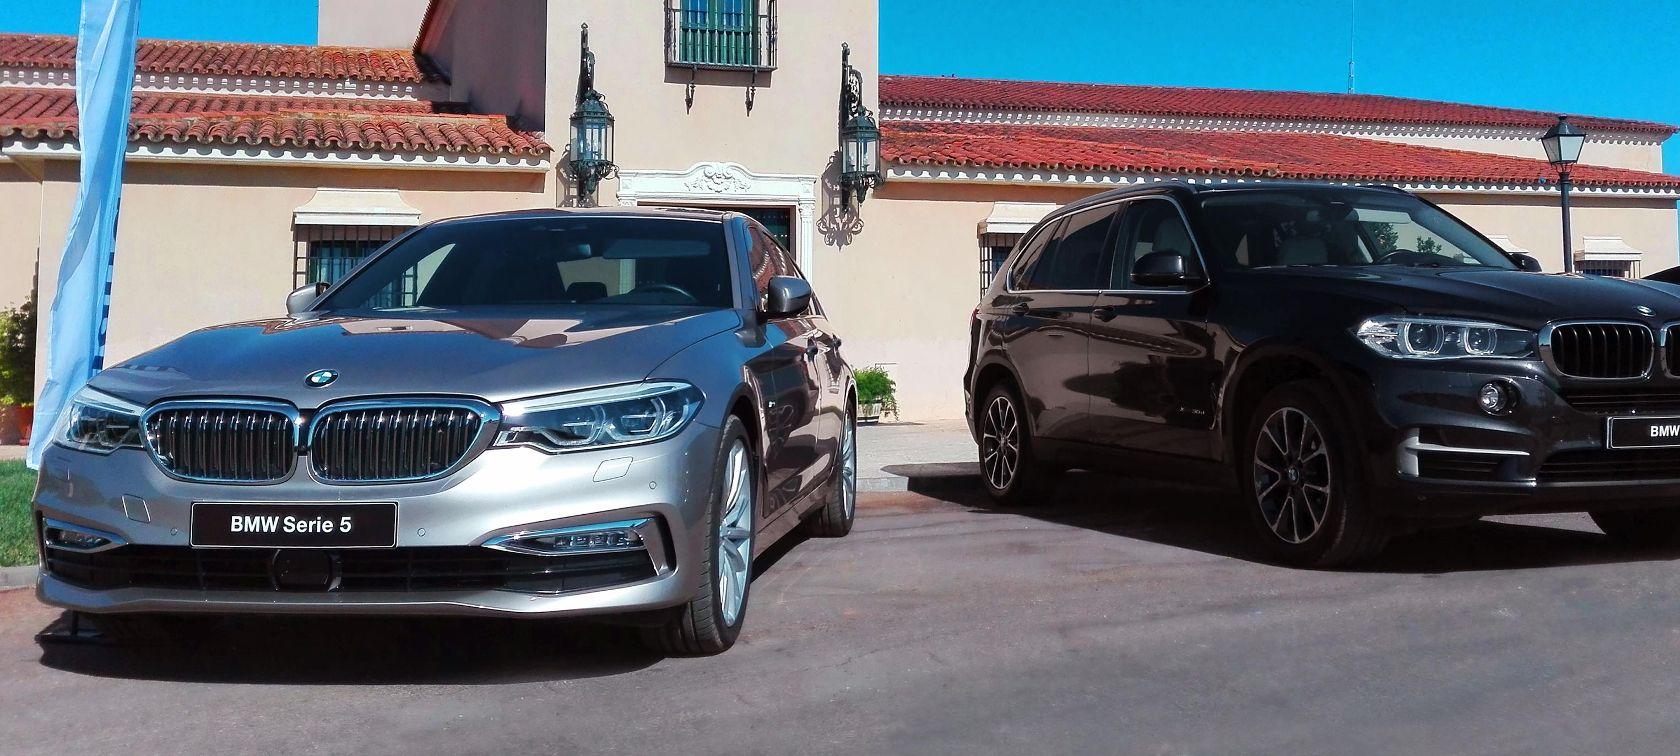 Mandel Motor, Concesionario Oficial BMW en Badajoz